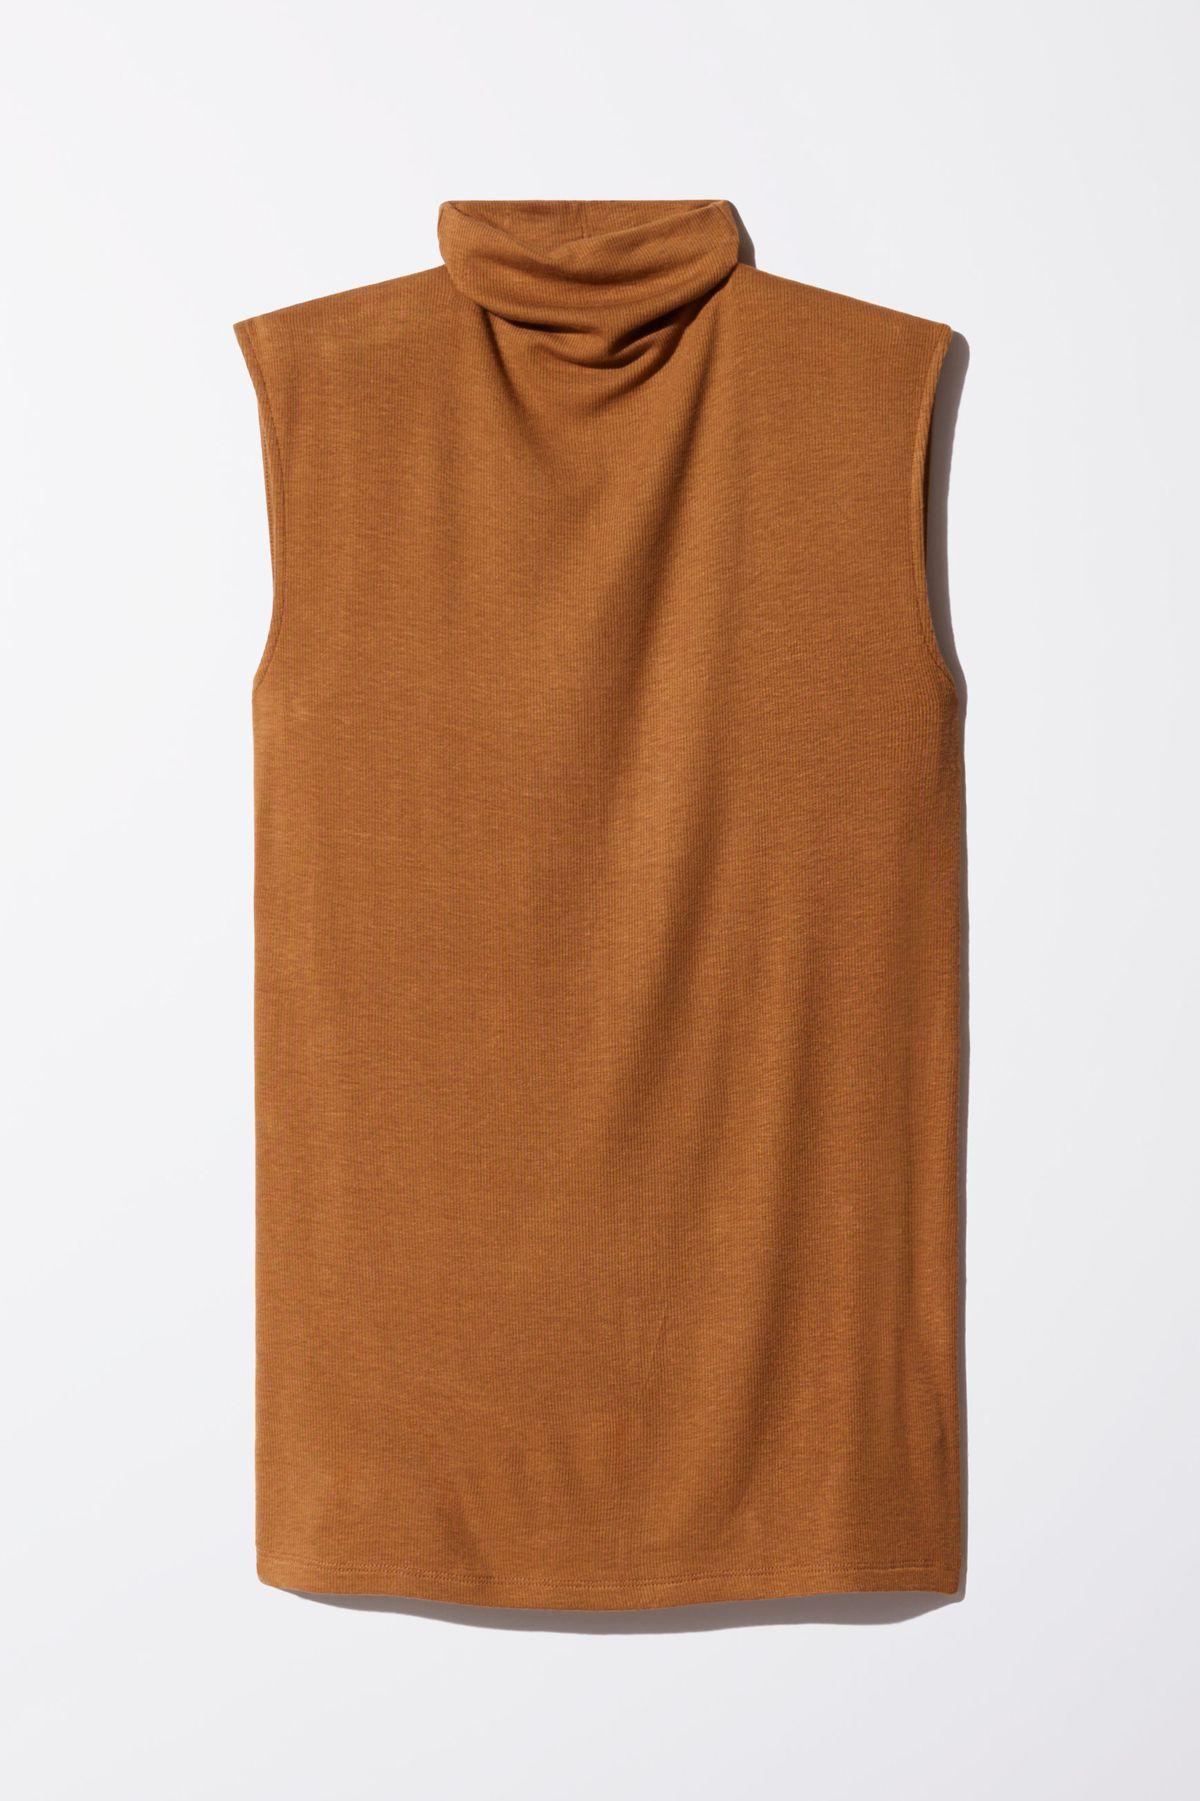 Babaton Albert T-Shirt, $28